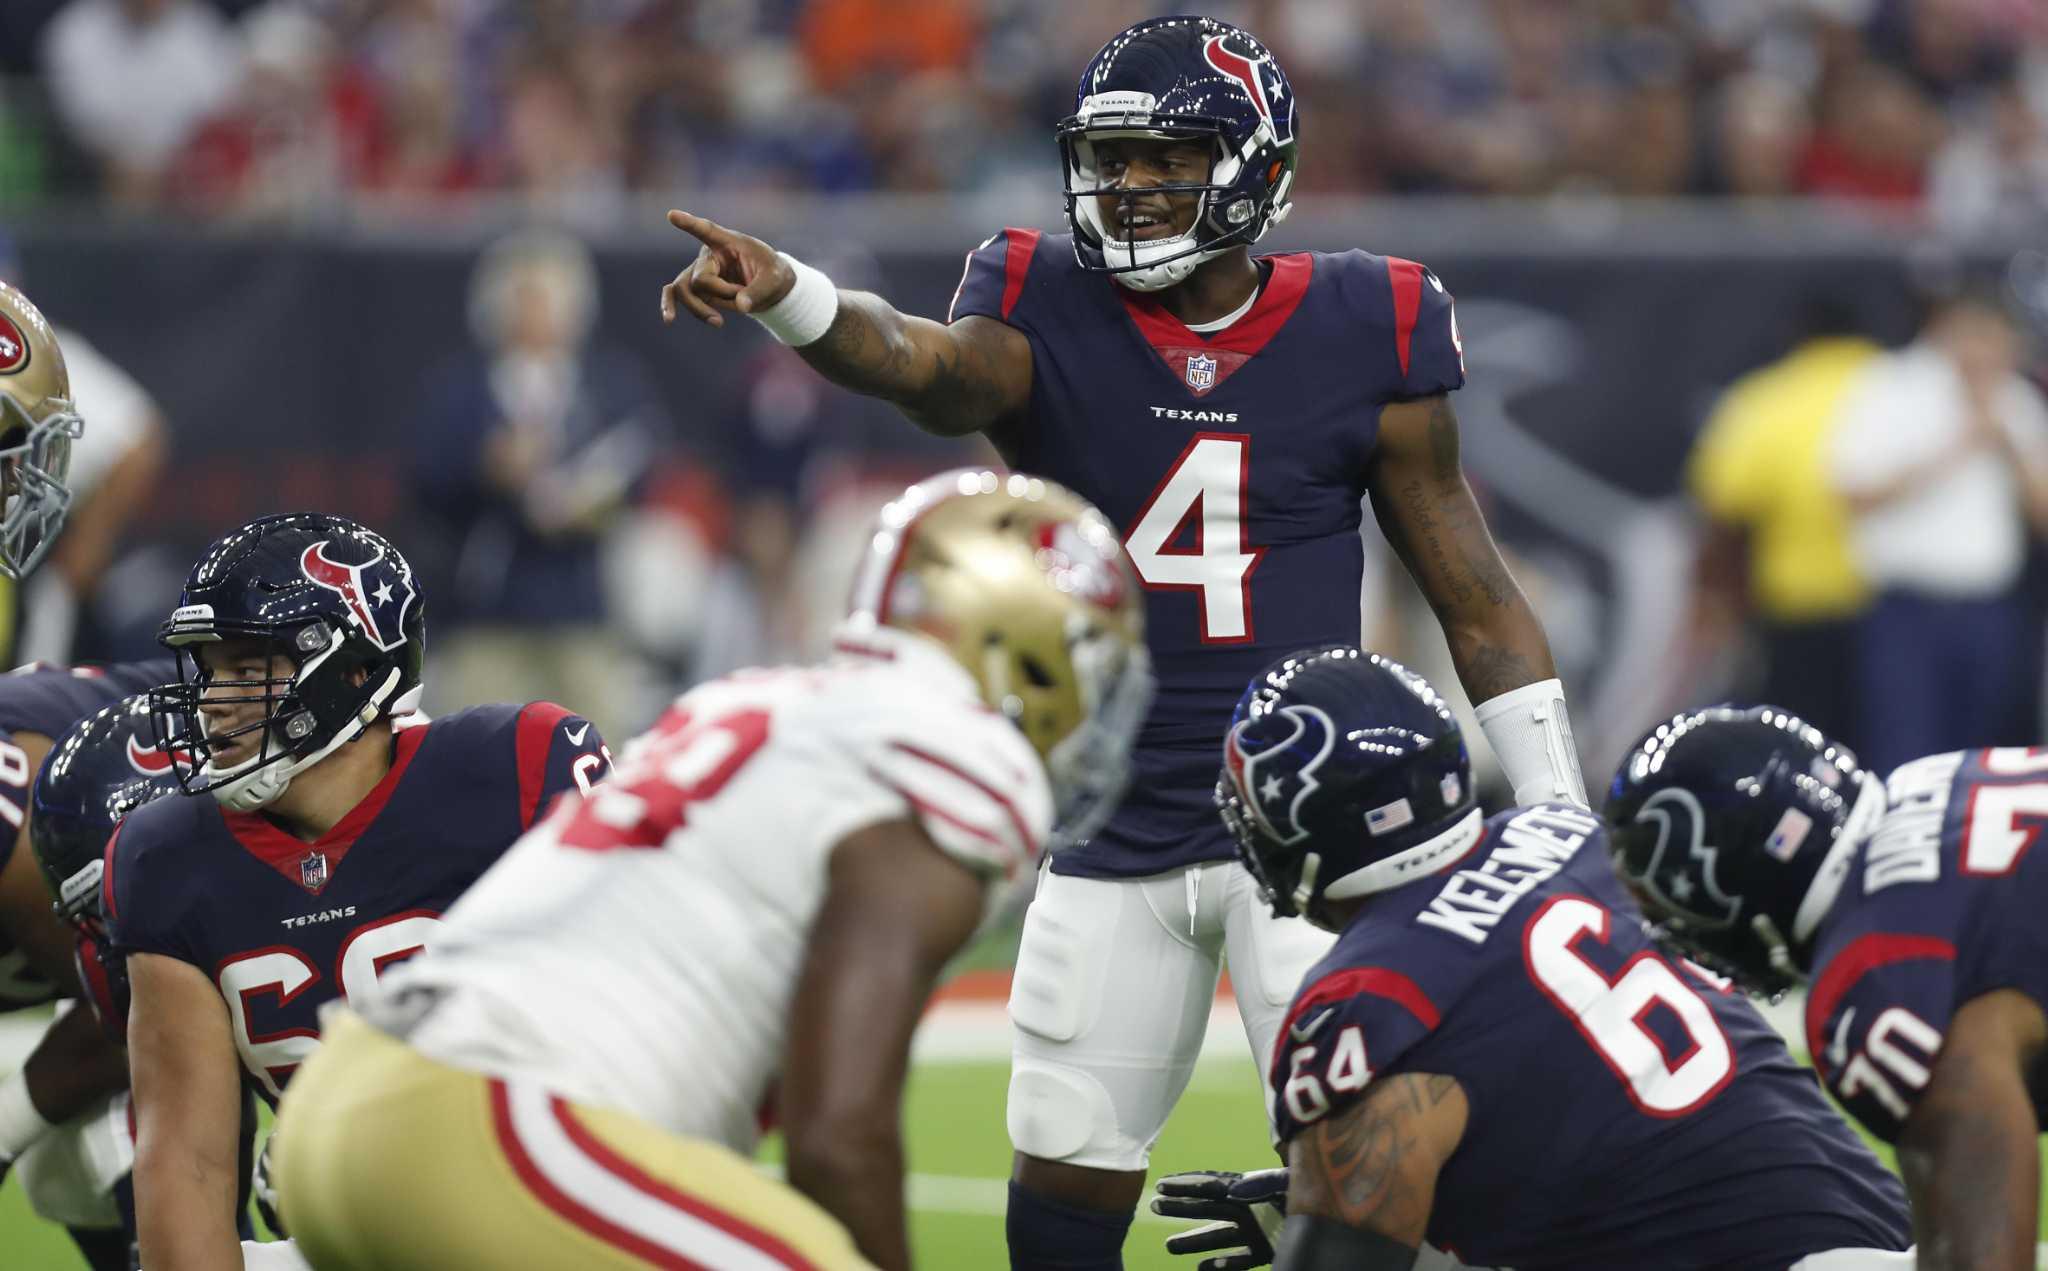 Texans QB Deshaun Watson brings welcome energy to practice ...